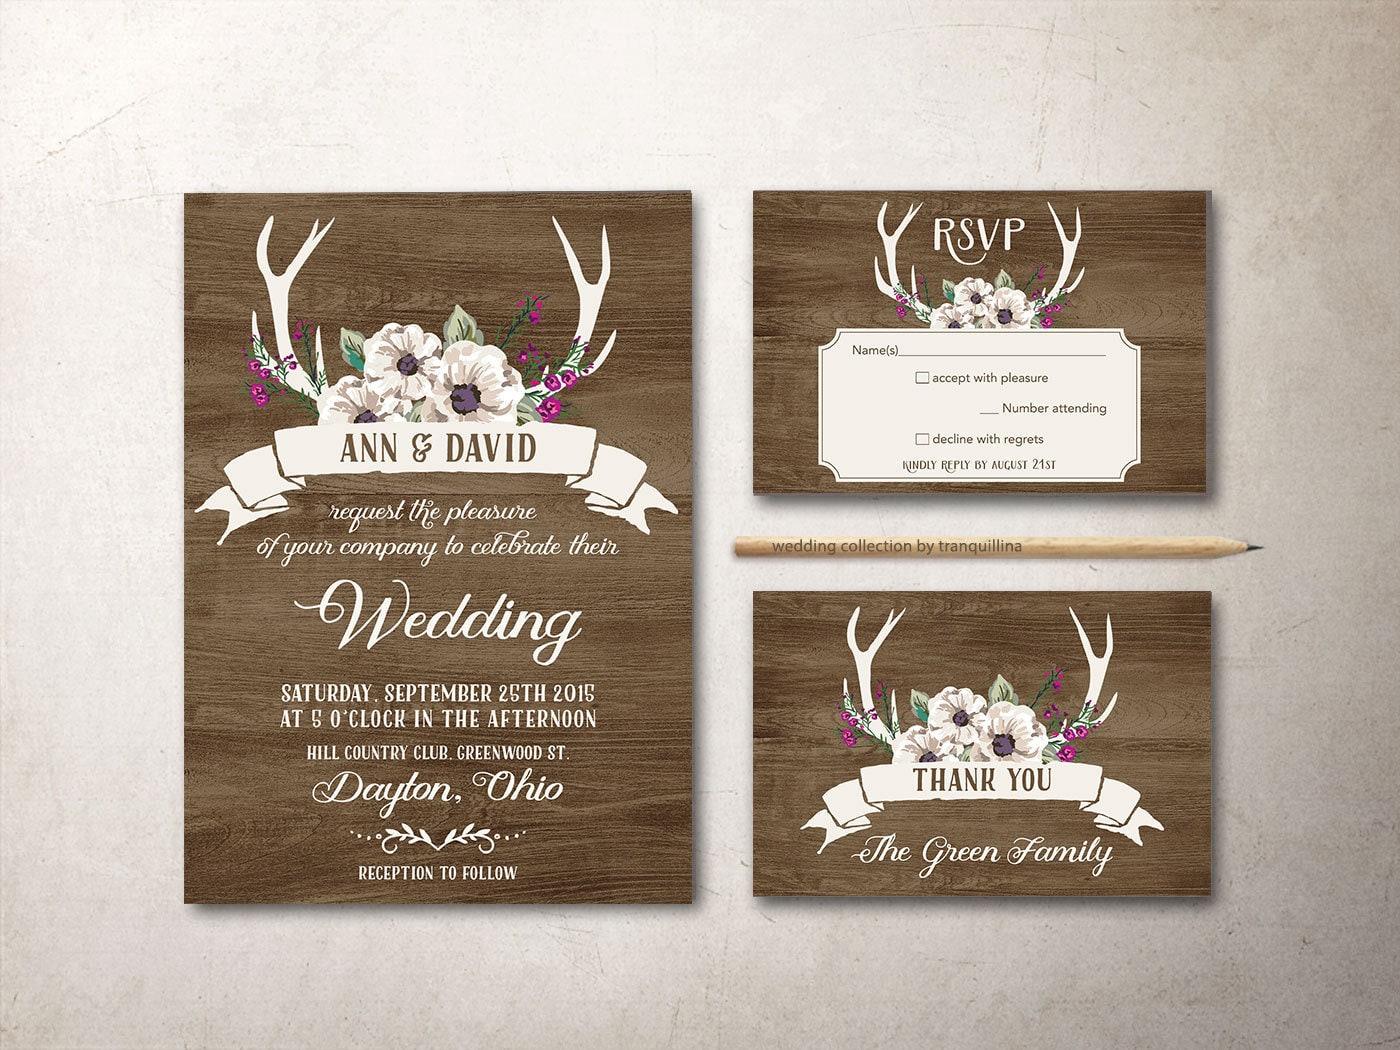 Rustikale Hochzeit Einladung Winter Hochzeitseinladung Floral   Etsy